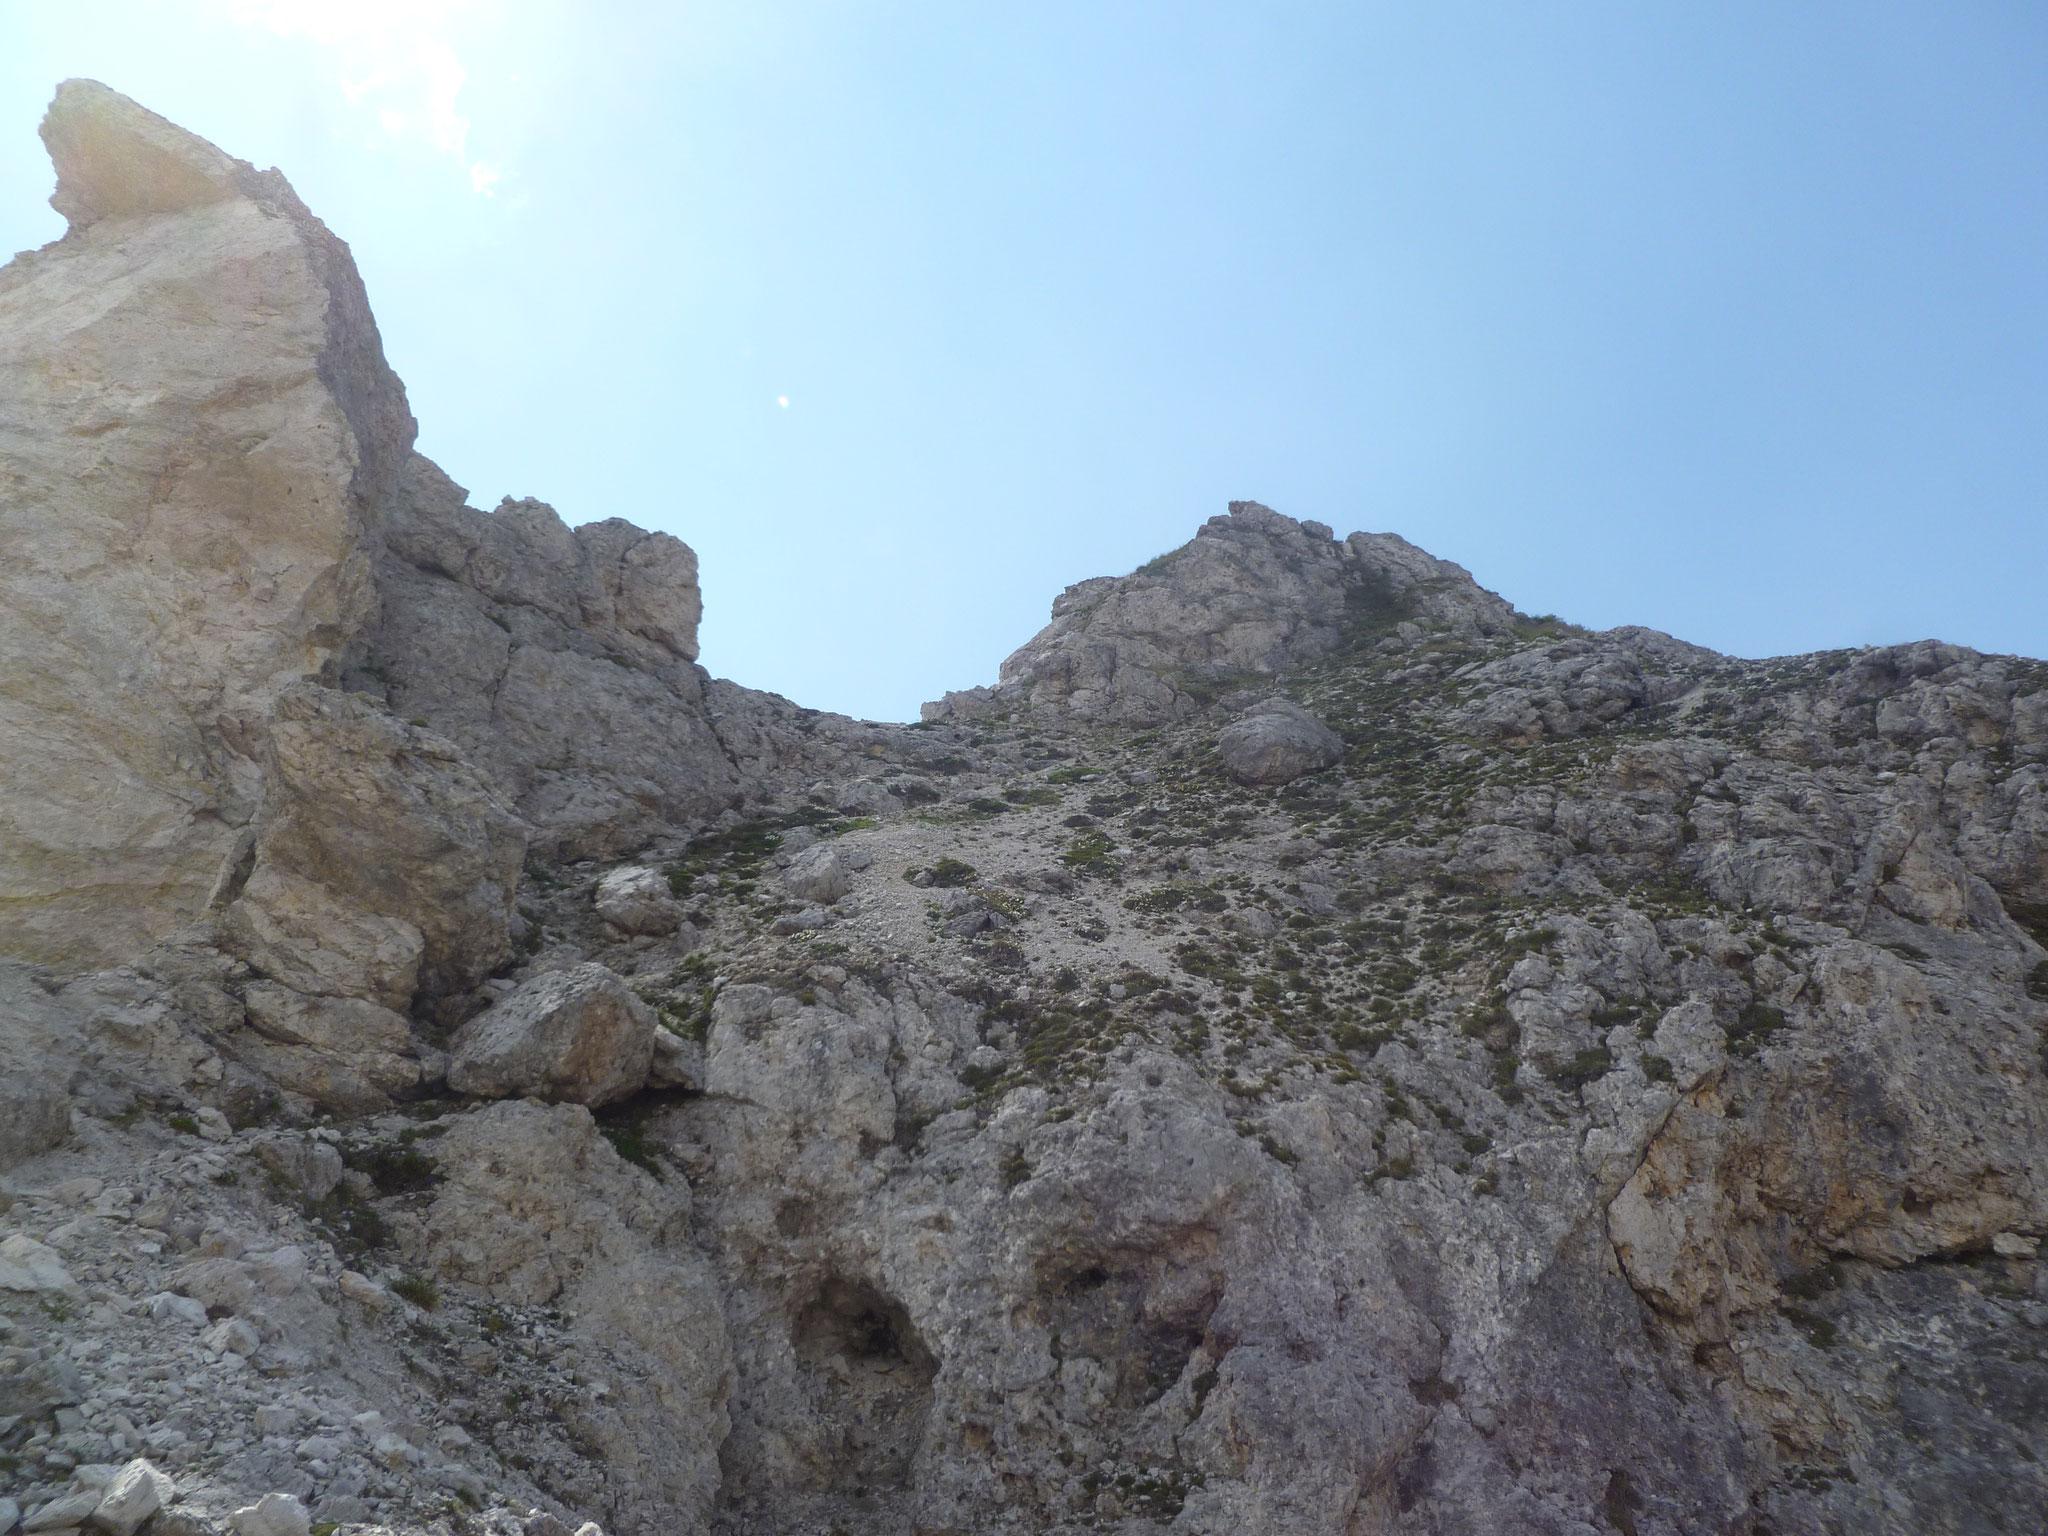 Endlich! Nur mehr ein paar Meter zum Gipfel!